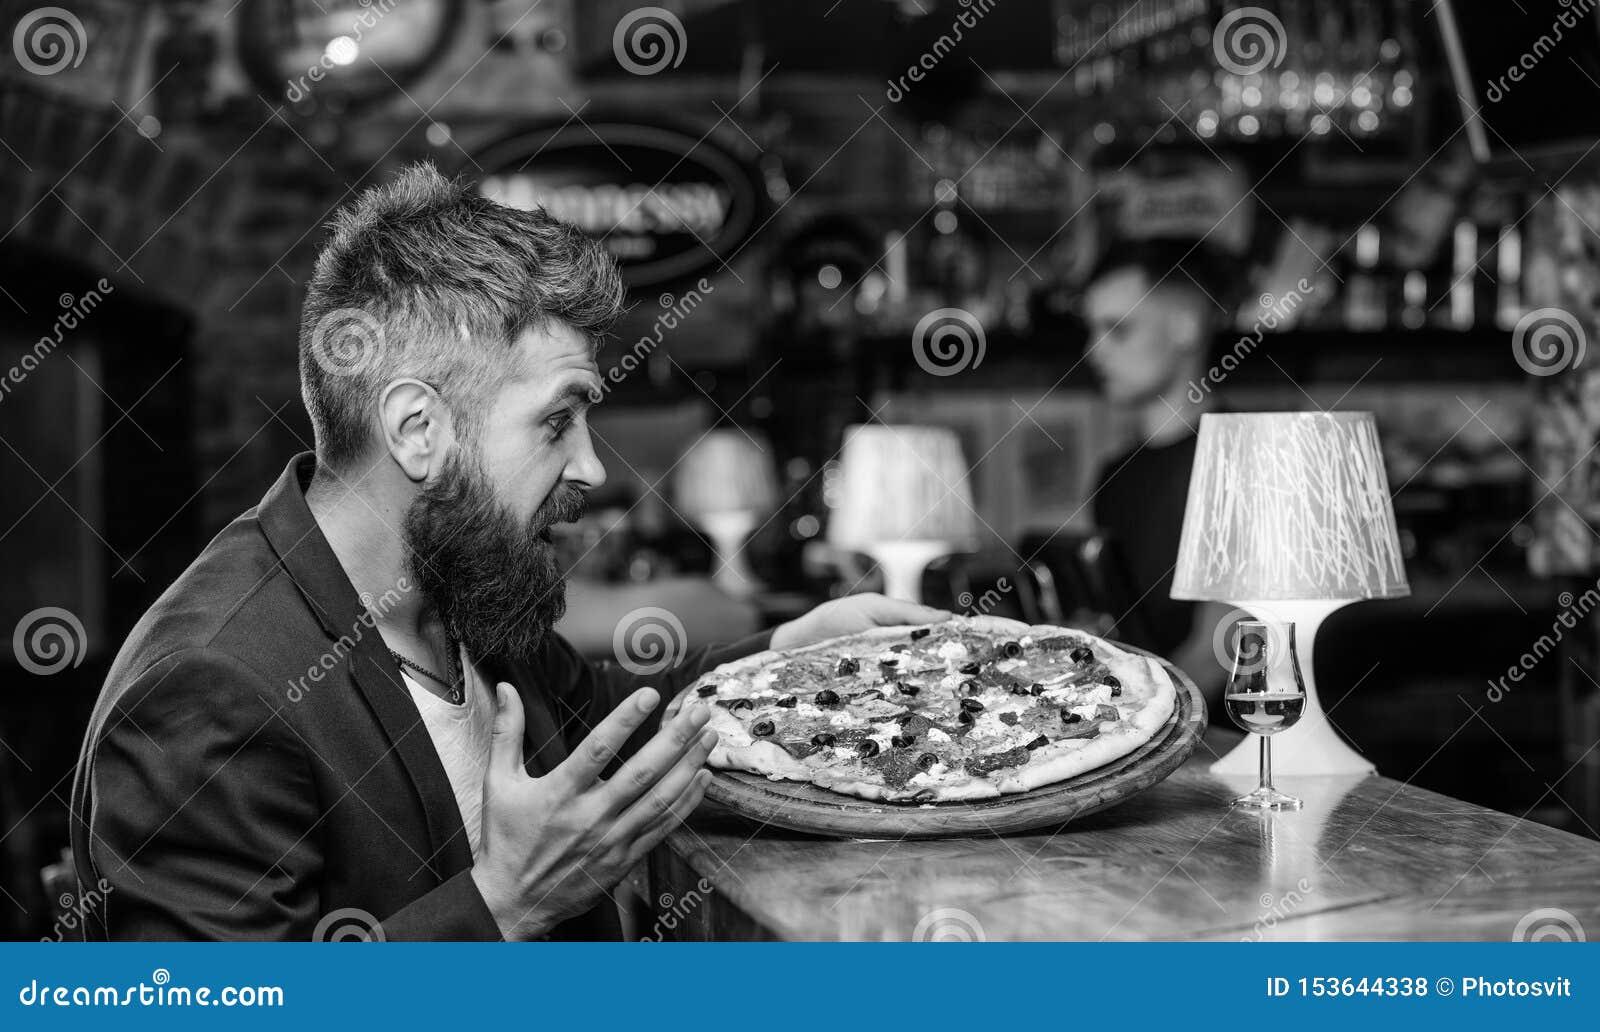 Nabranie posi?ku poj?cie Modni? g?odny je w?osk? pizz? Pizzy ulubiony restauracyjny jedzenie ?wie?a gor?ca pizza dla go?cia resta